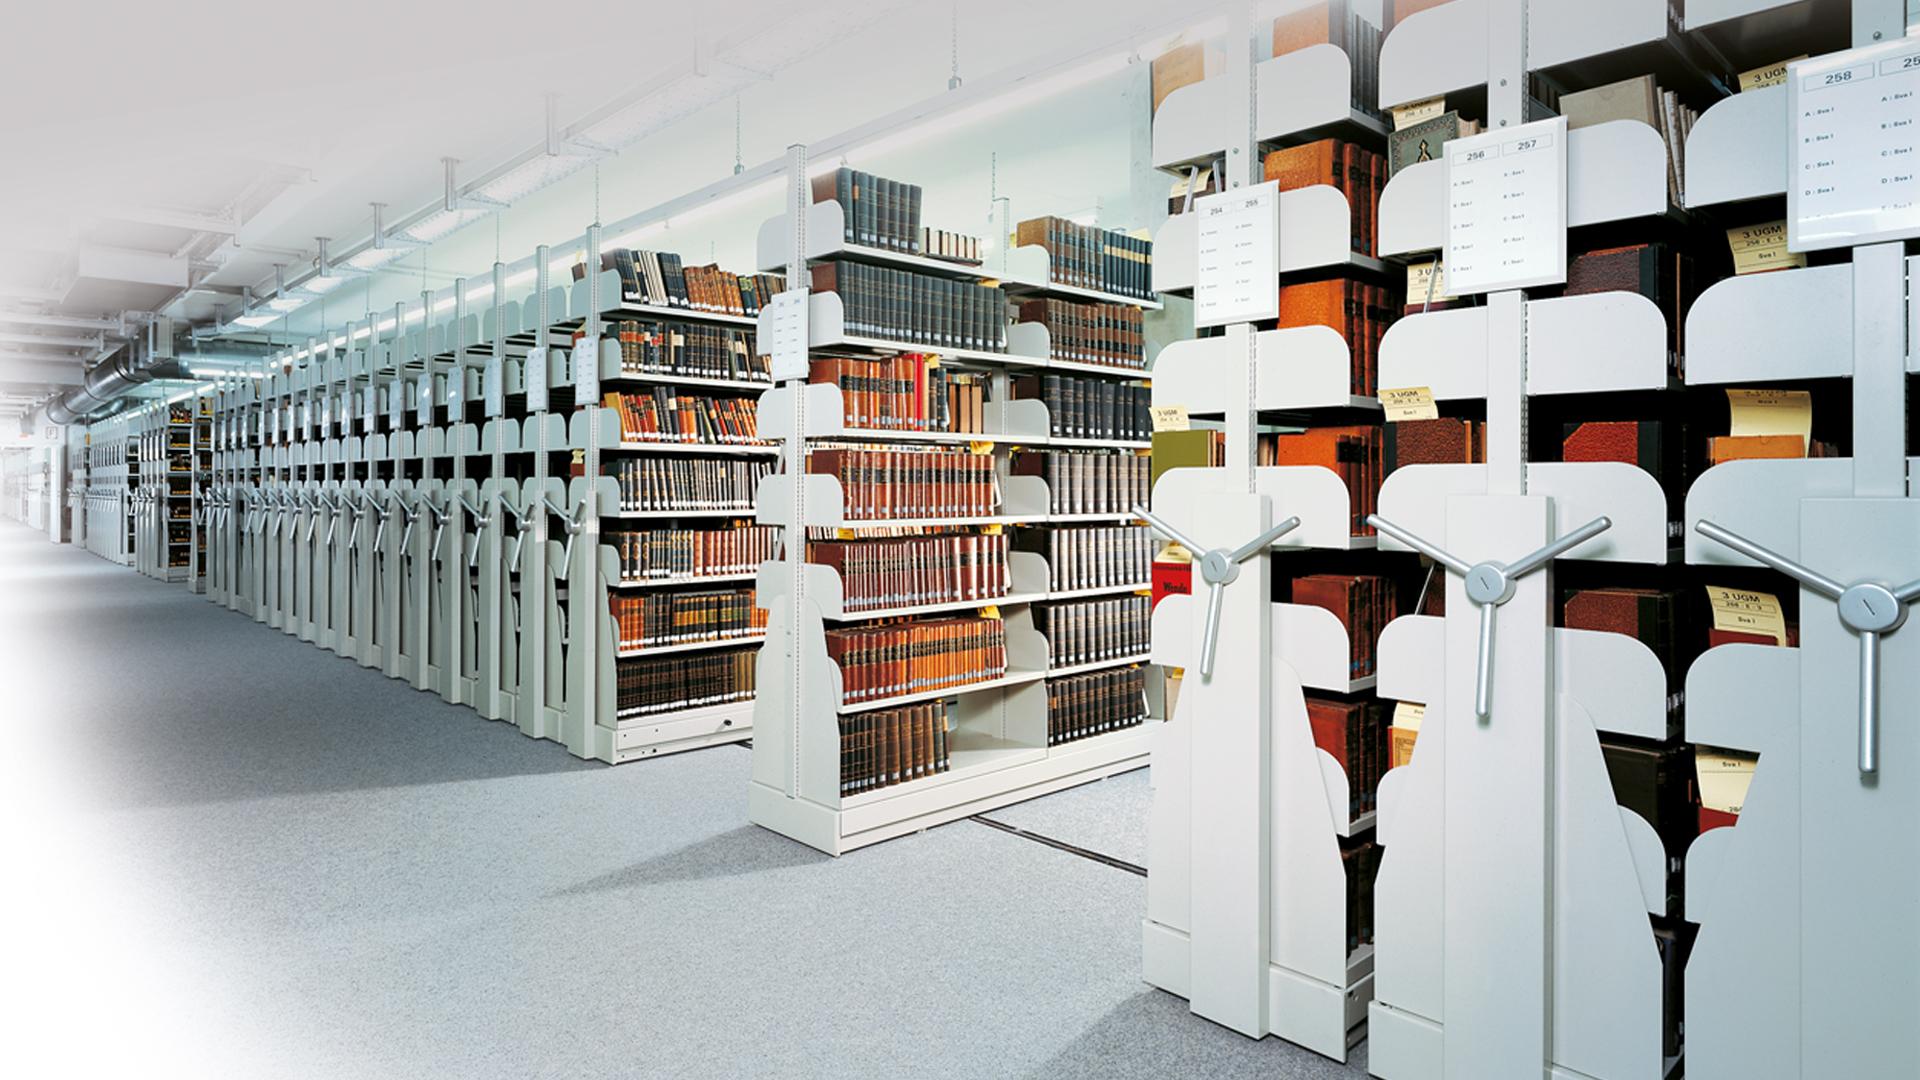 Rollregal-Magazin-Bibliothek-01-BRR-mauser-16-9